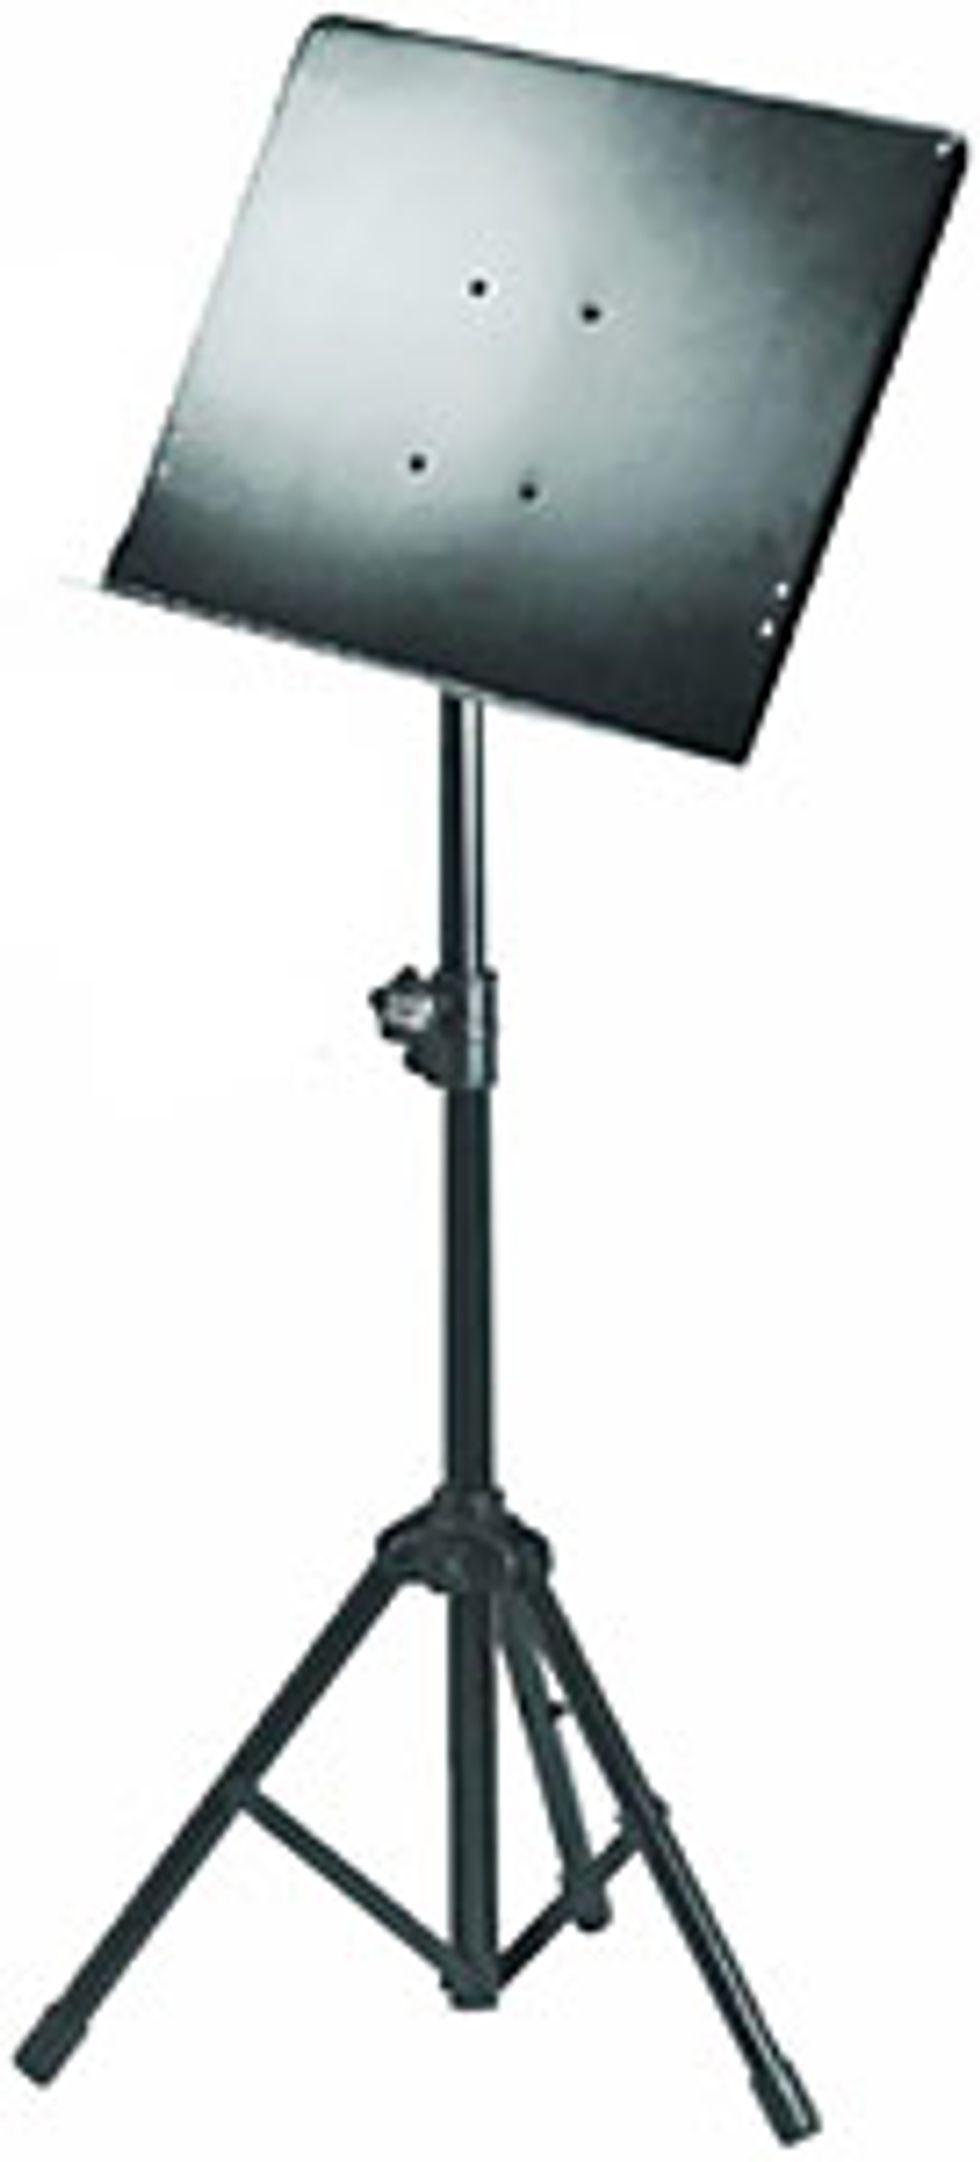 Yamaha MS5000 Music Stand